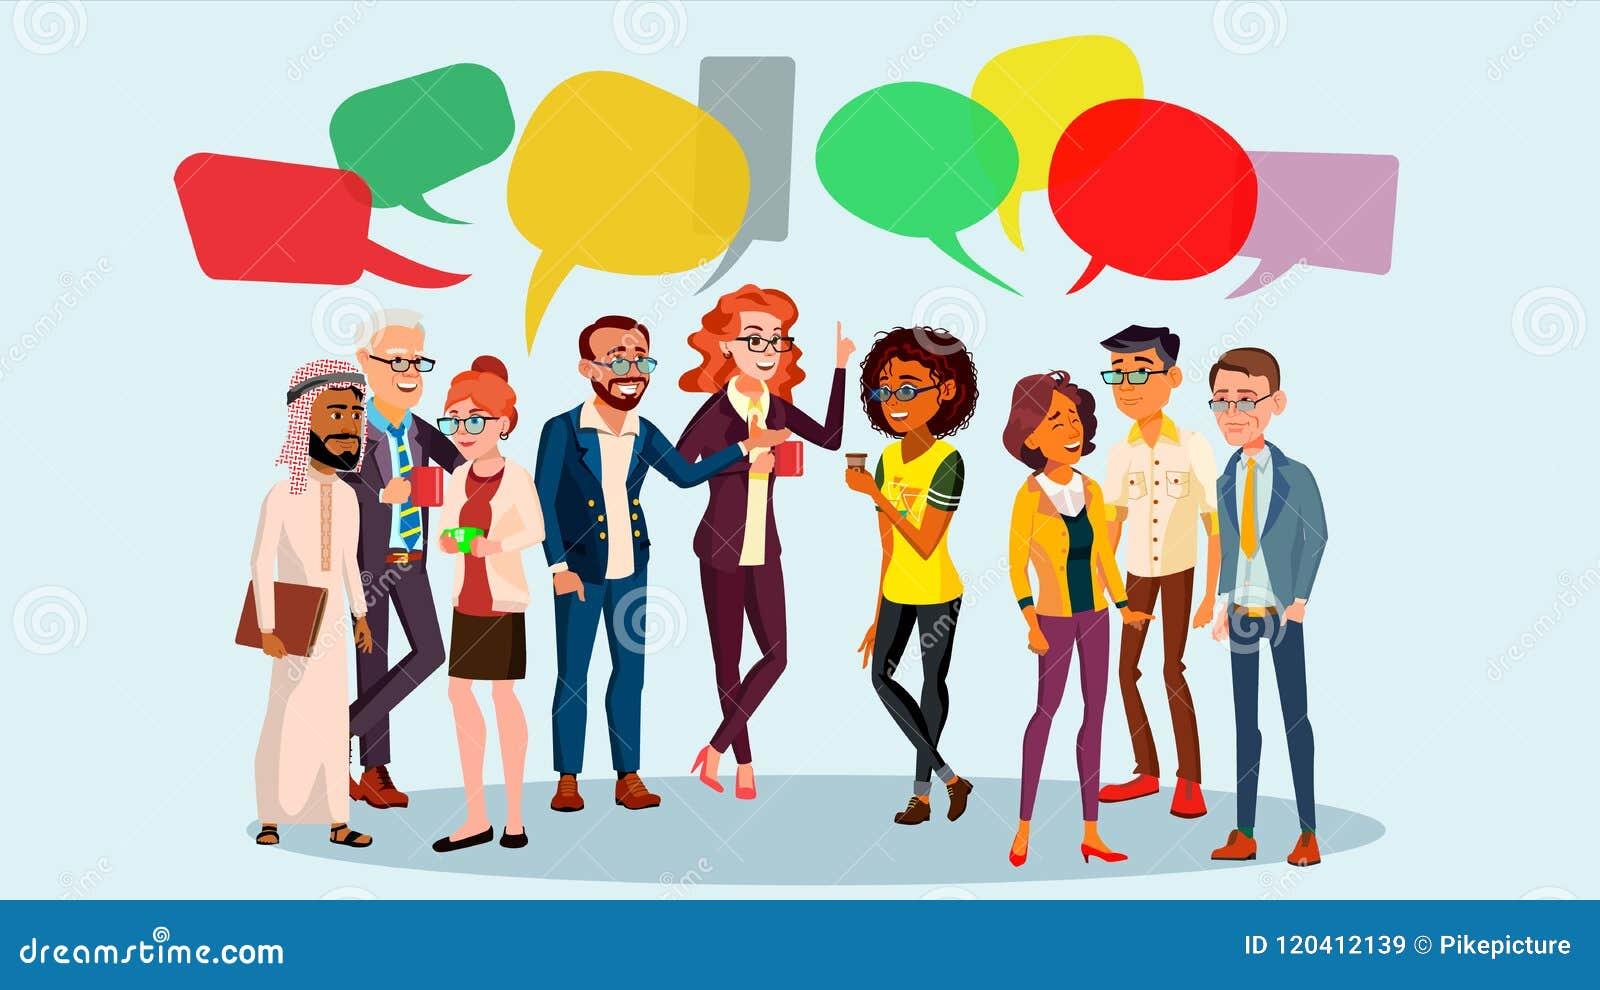 Nouveau forum - Page 2 Vecteur-de-causerie-groupe-personnes-gens-d-affaires-r%C3%A9seau-social-communication-bulles-la-parole-illustration-120412139